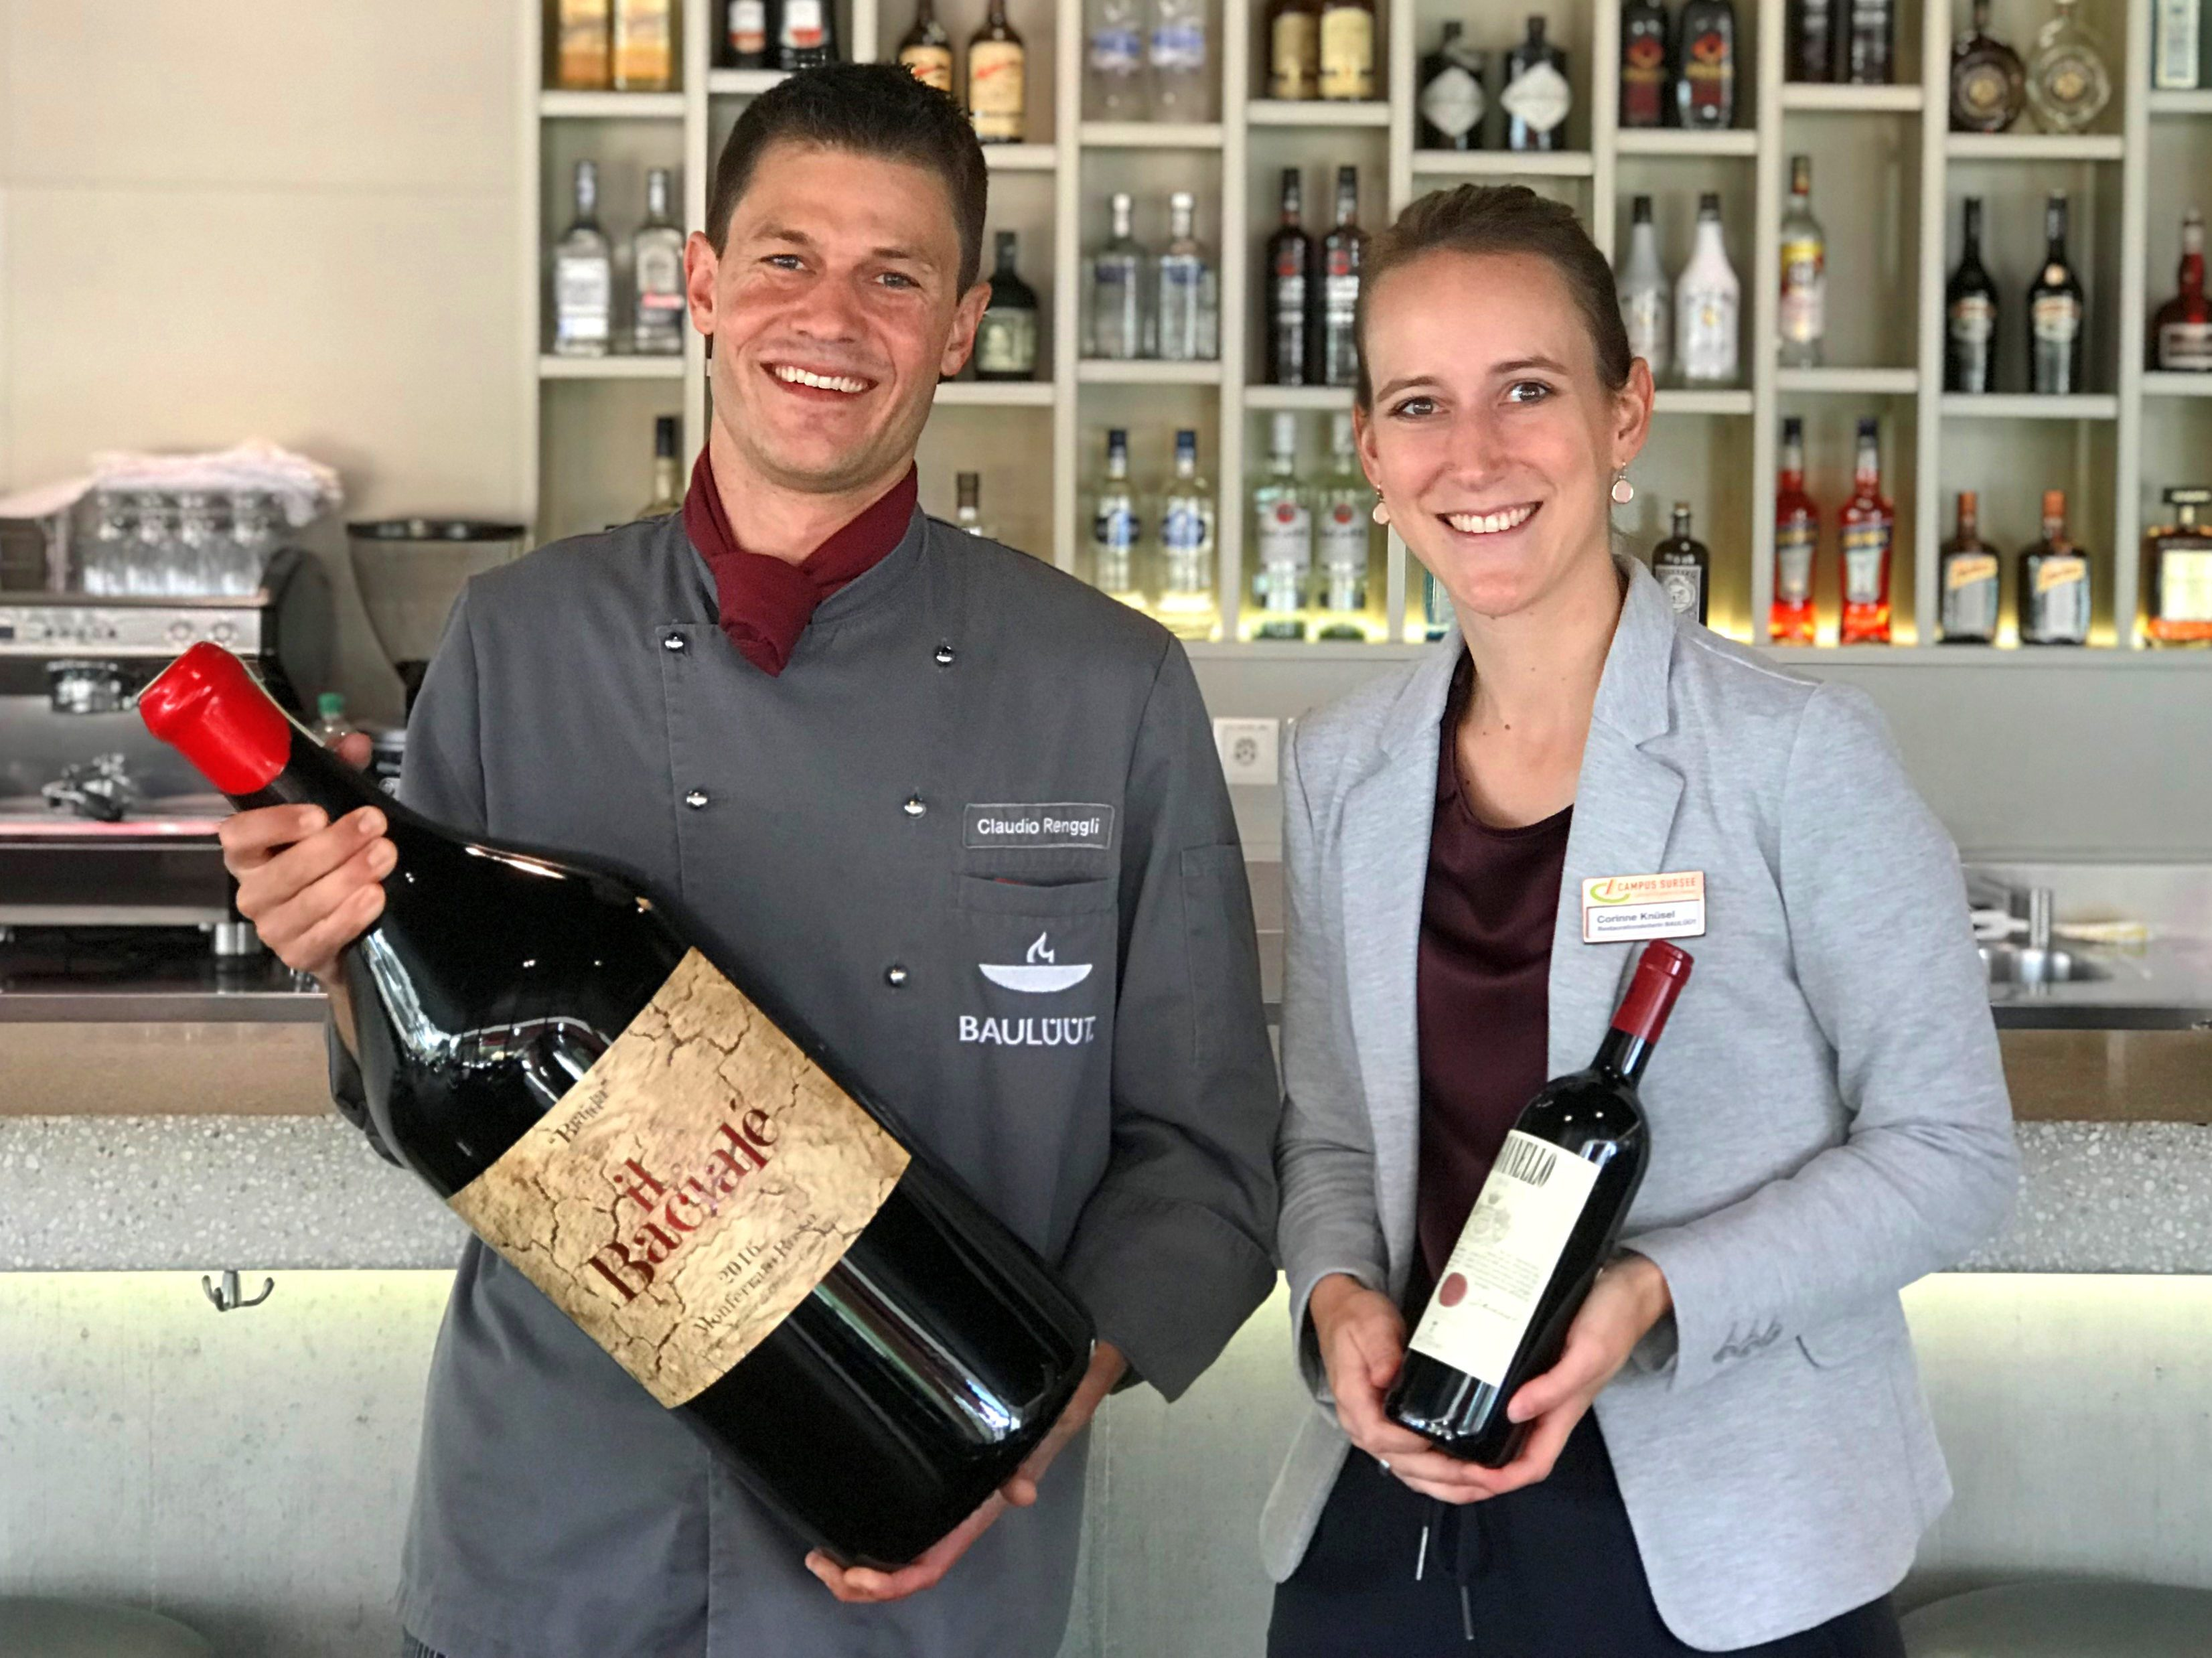 BAULÜÜT-Küchenchef Claudio Renggli und Corinne Knüsel beim Big Bottle Event